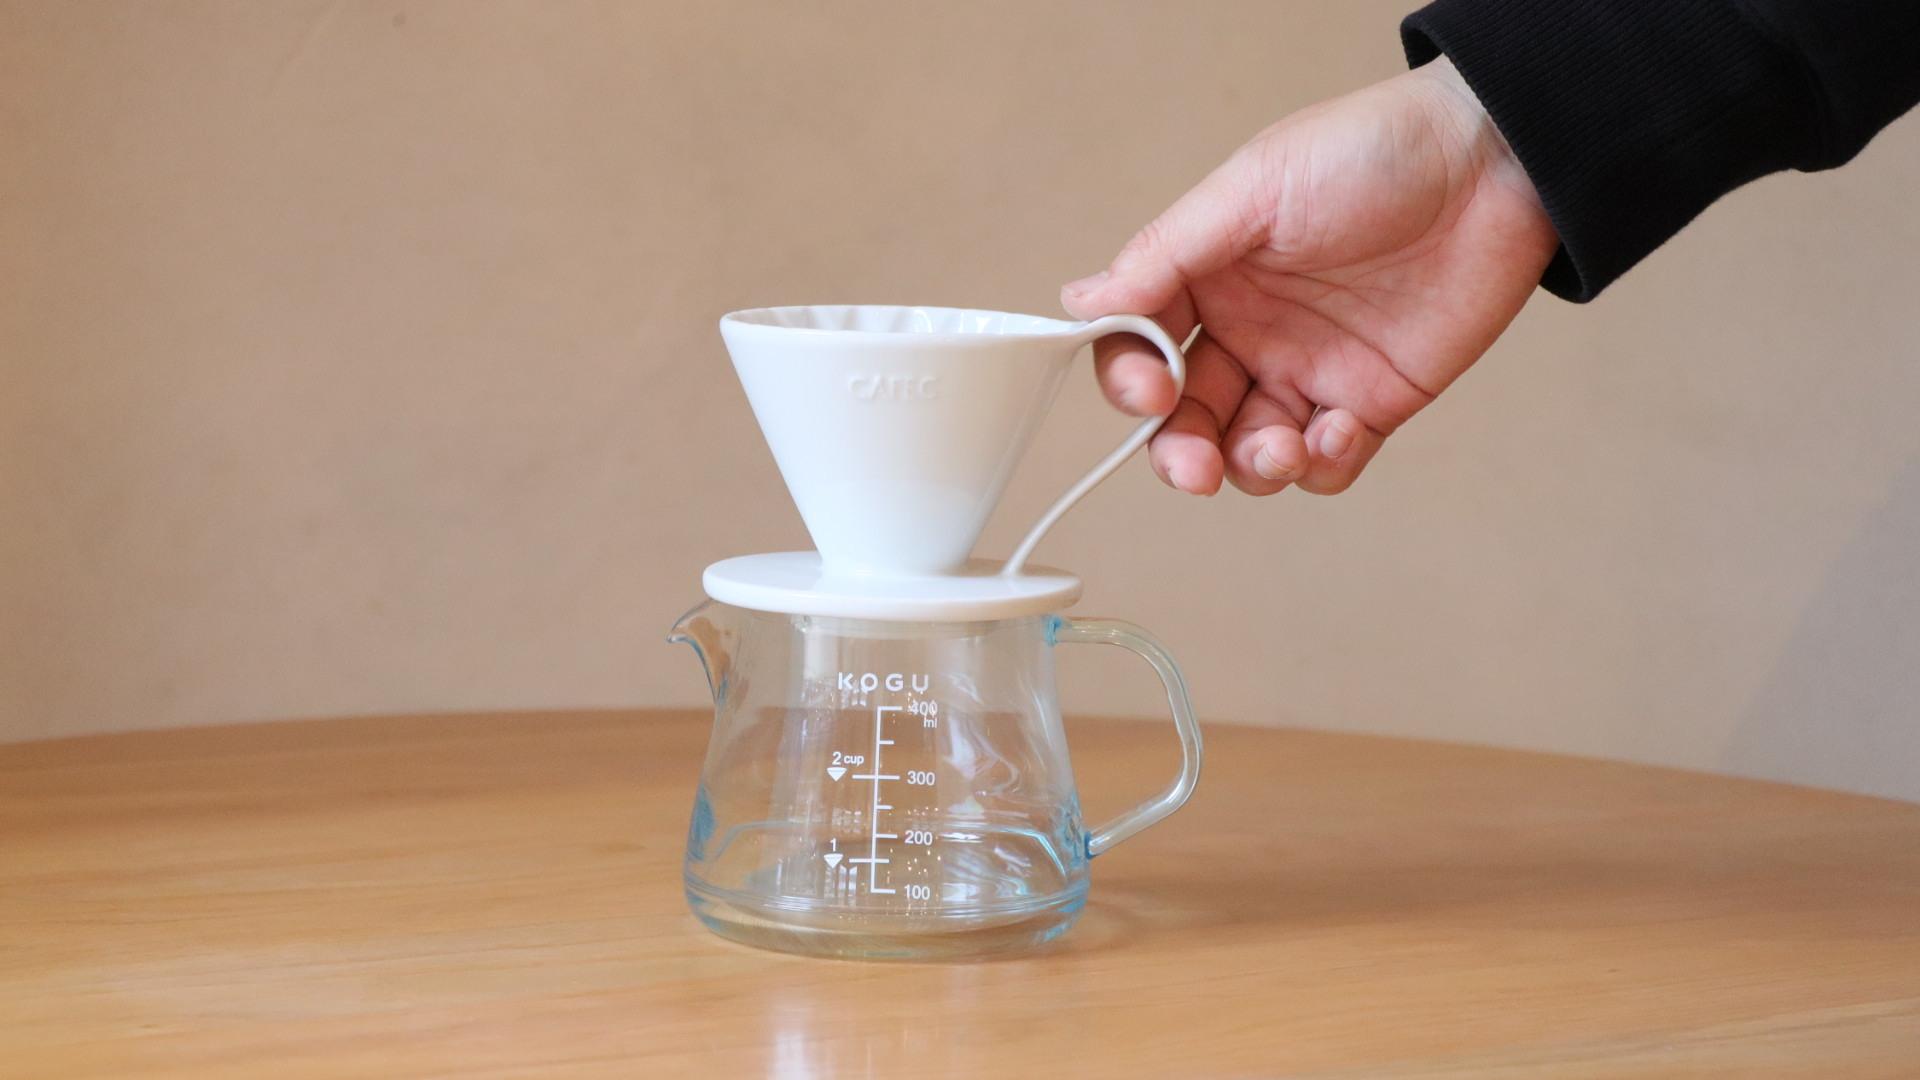 【ホワイト】フラワードリッパー(有田焼)1-2杯用